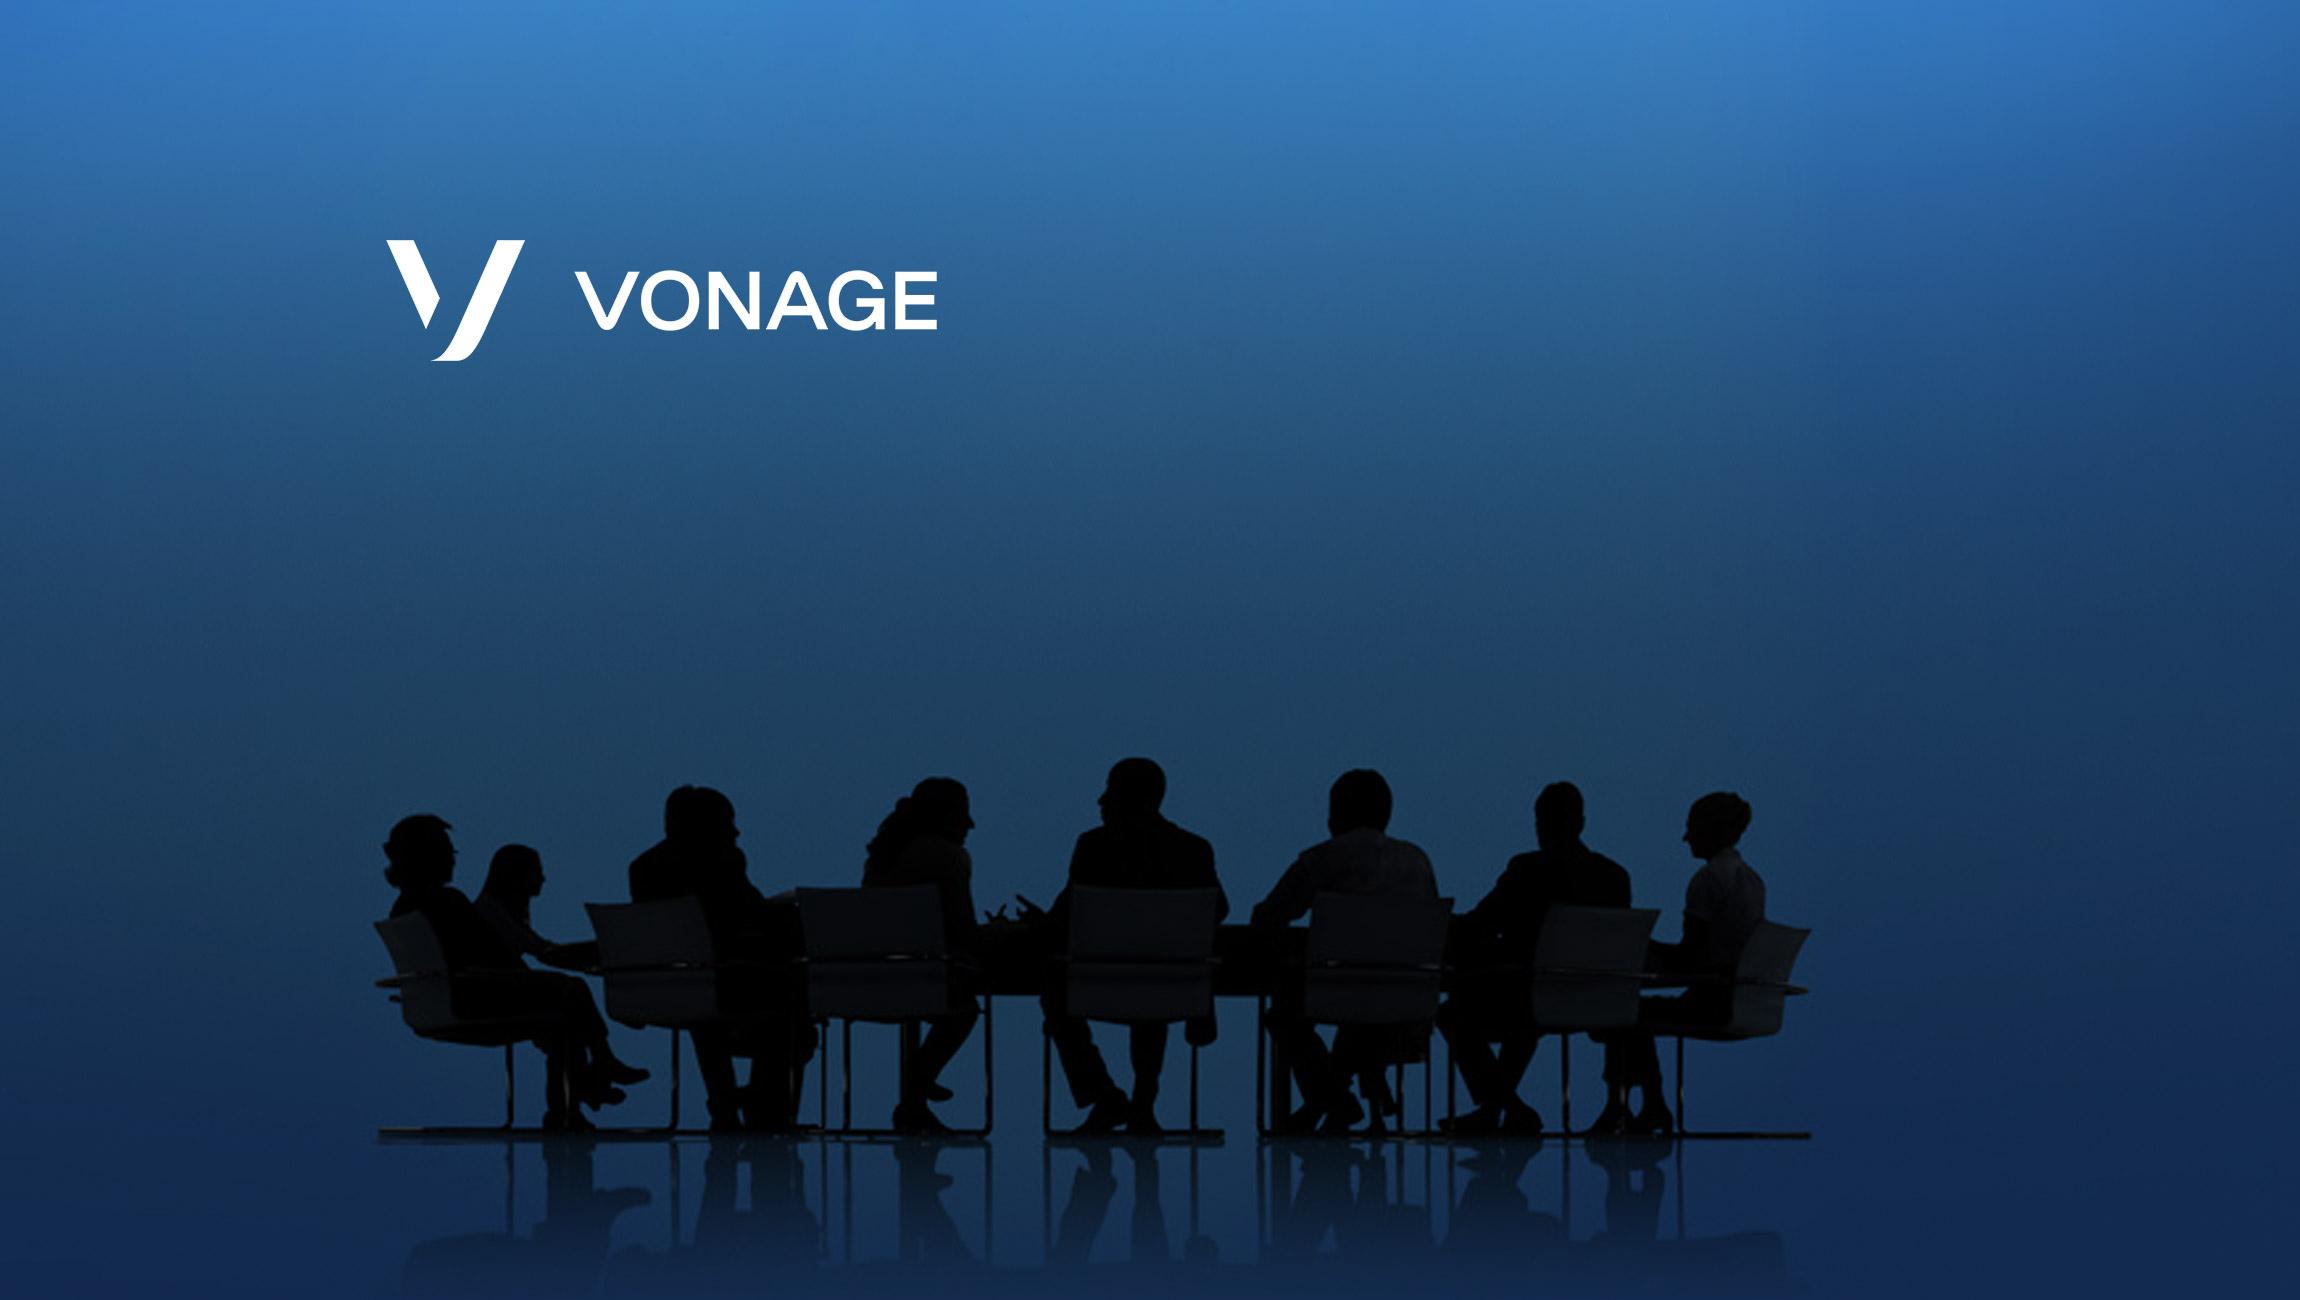 Vonage Announces that CFO Dave Pearson will Retire